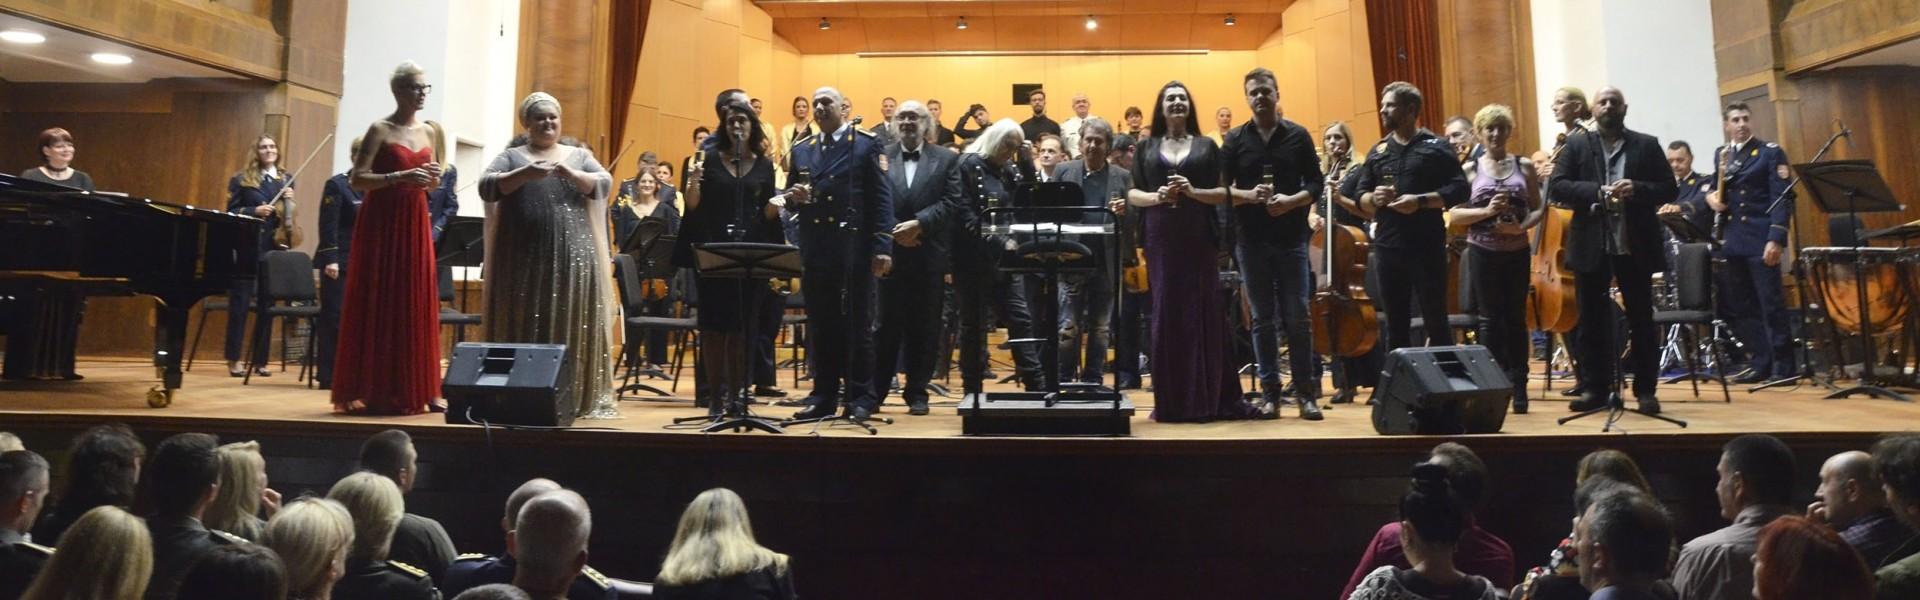 рок-симфонија-поводом-120-година-ансамбла-станислав-бинички